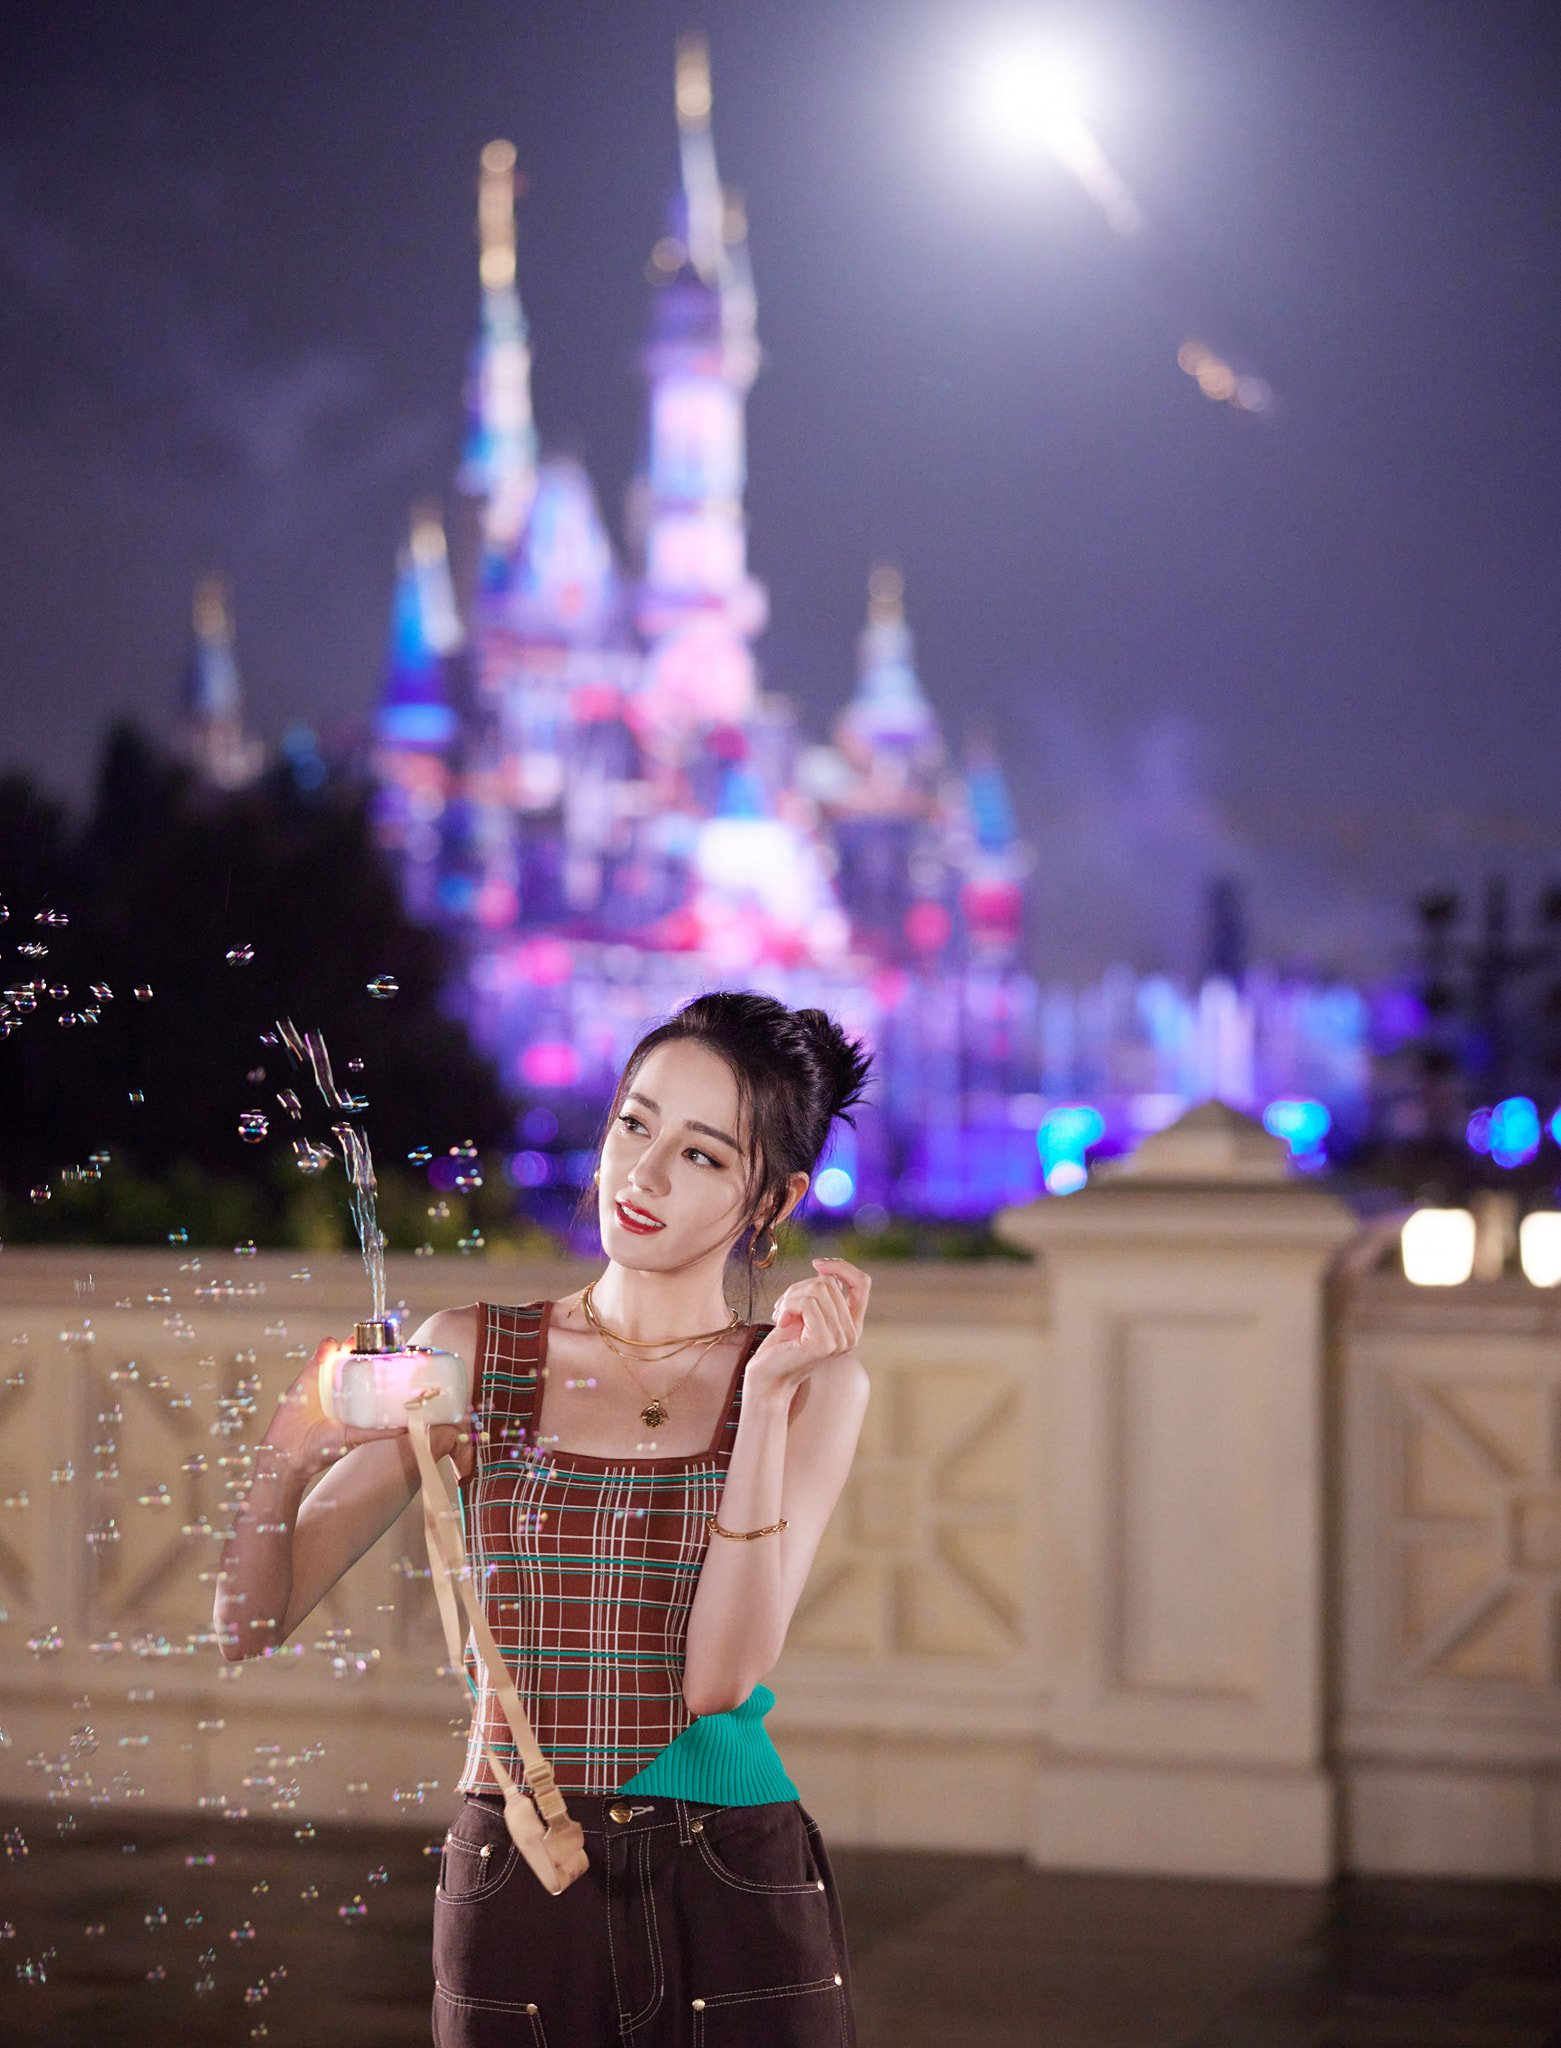 Lịm tim trước khoảnh khắc Địch Lệ Nhiệt Ba chơi gấu bông, cưỡi thú nhún: Cô công chúa không bao giờ lớn 5